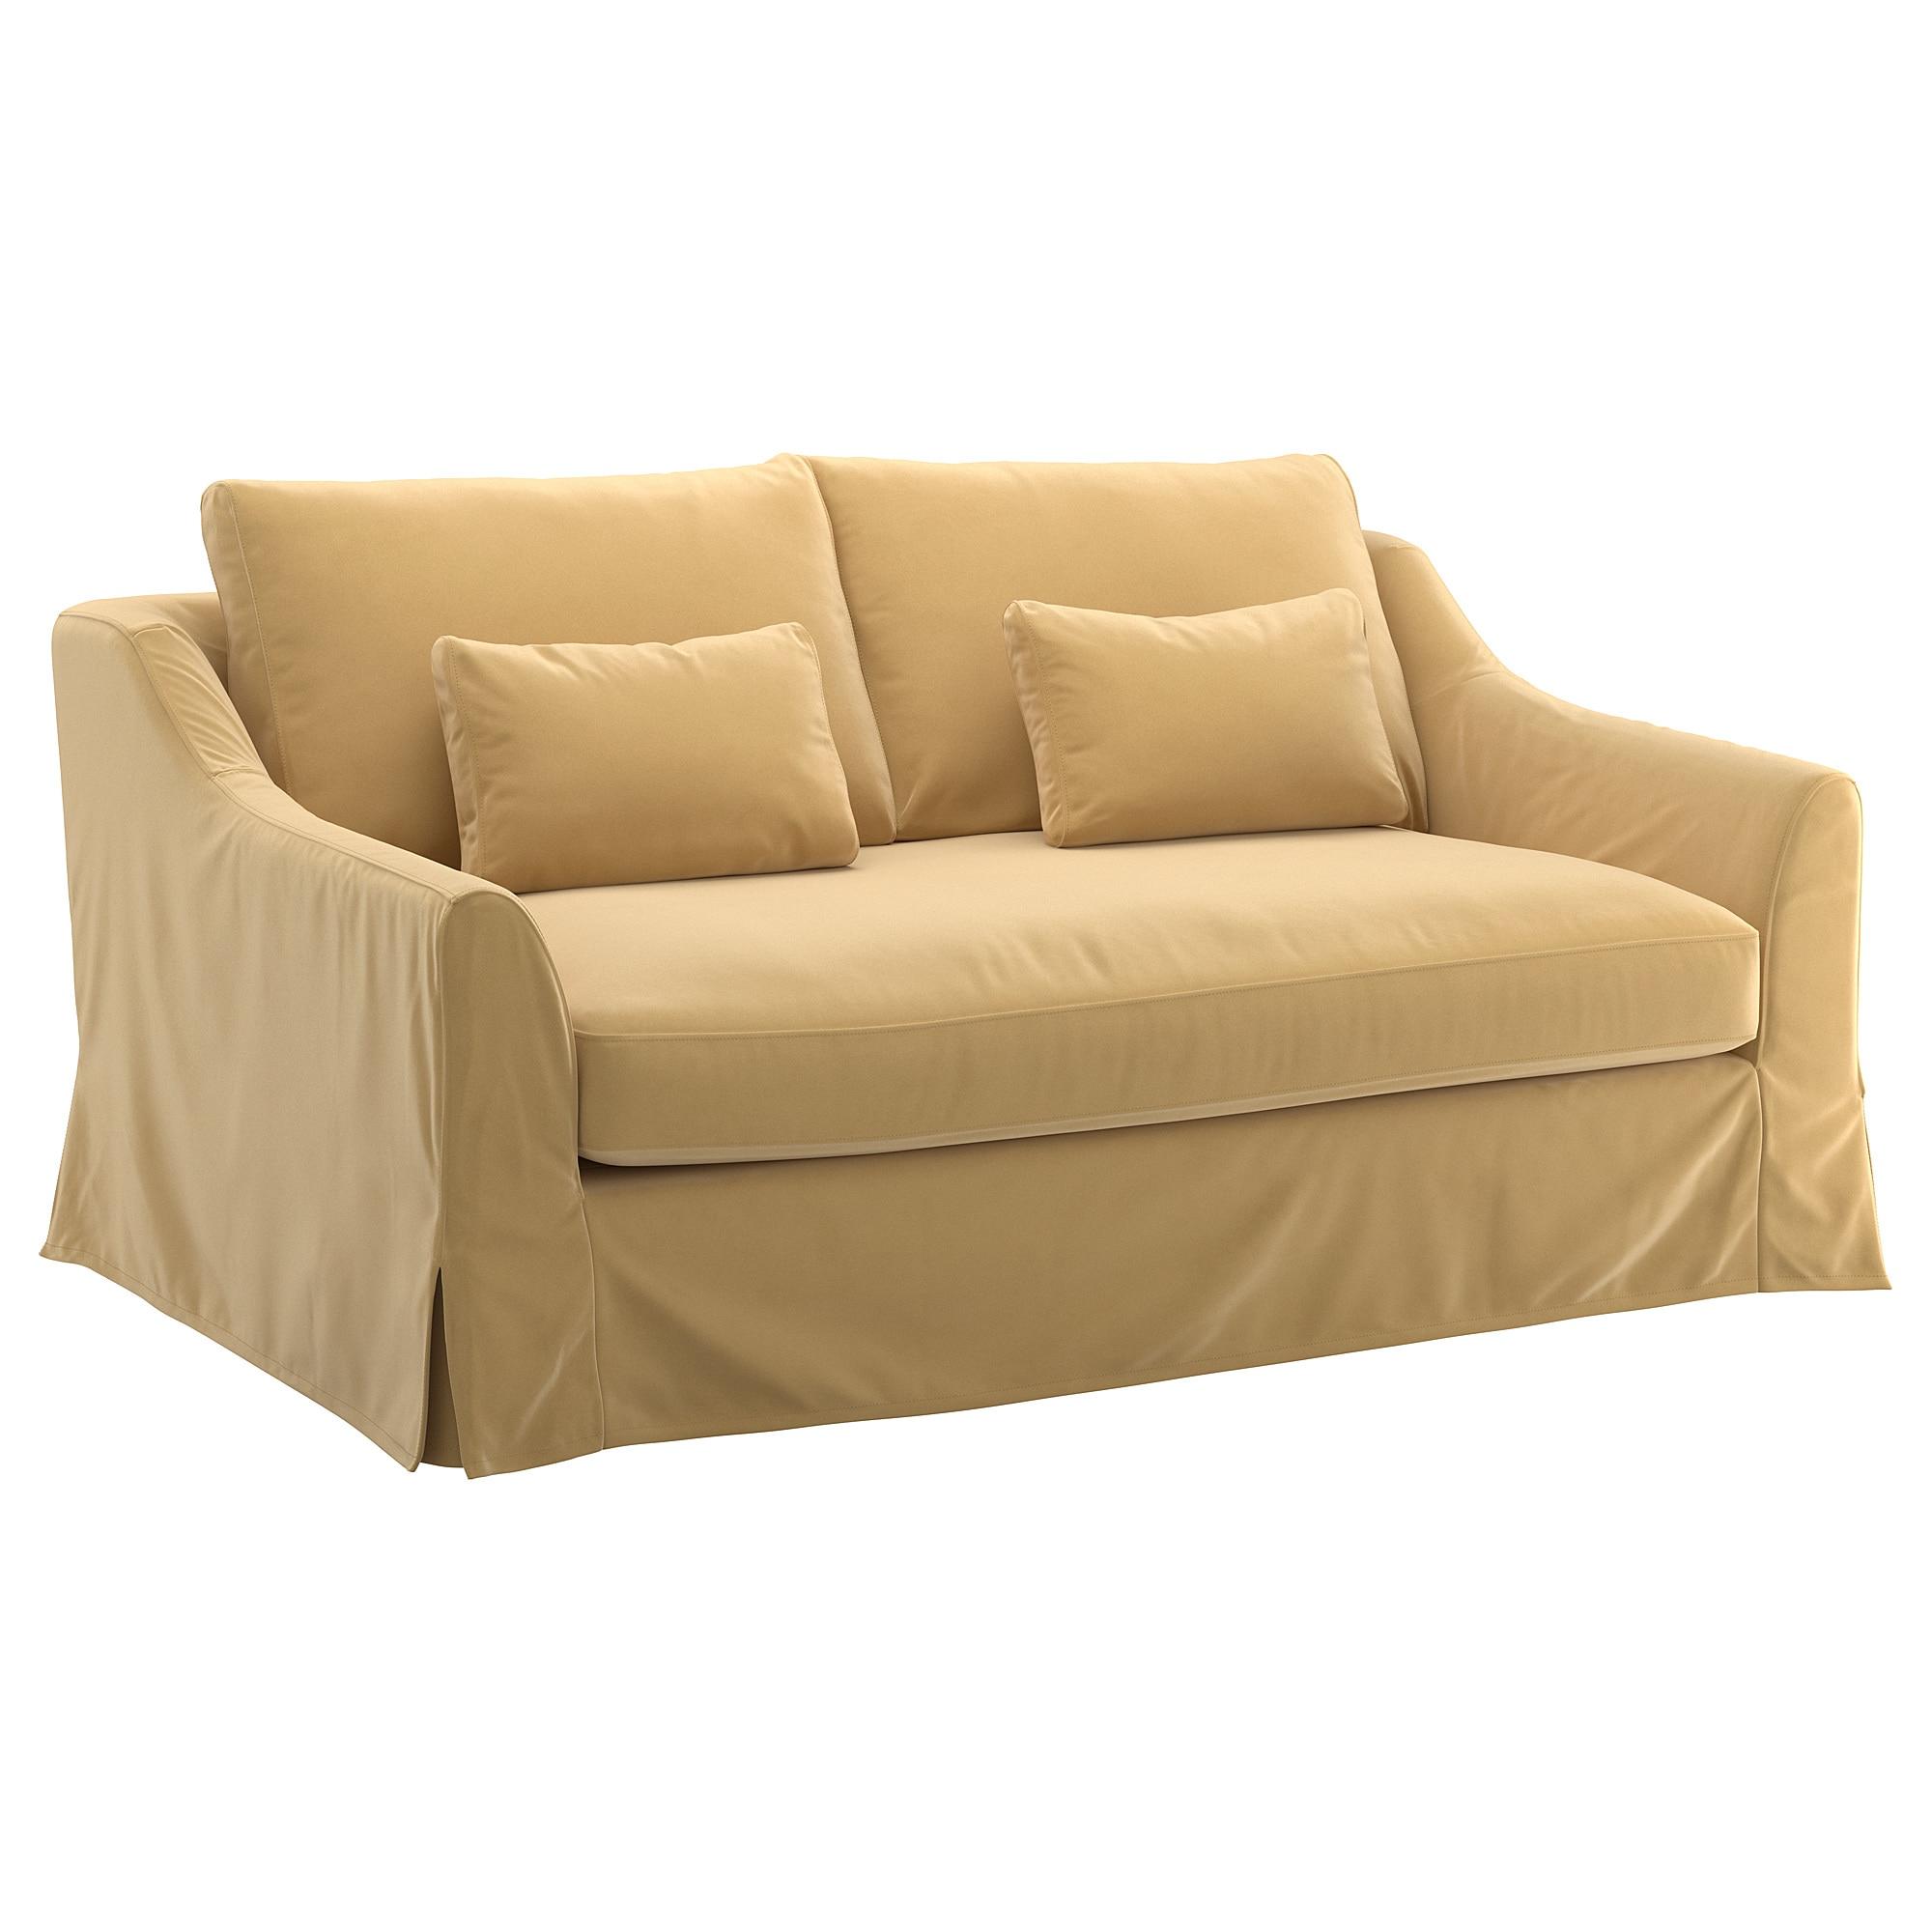 Fundas Para sofas J7do Fà Rlà V Funda Para sofà De 2 Plazas Djuparp Beige Dorado Ikea